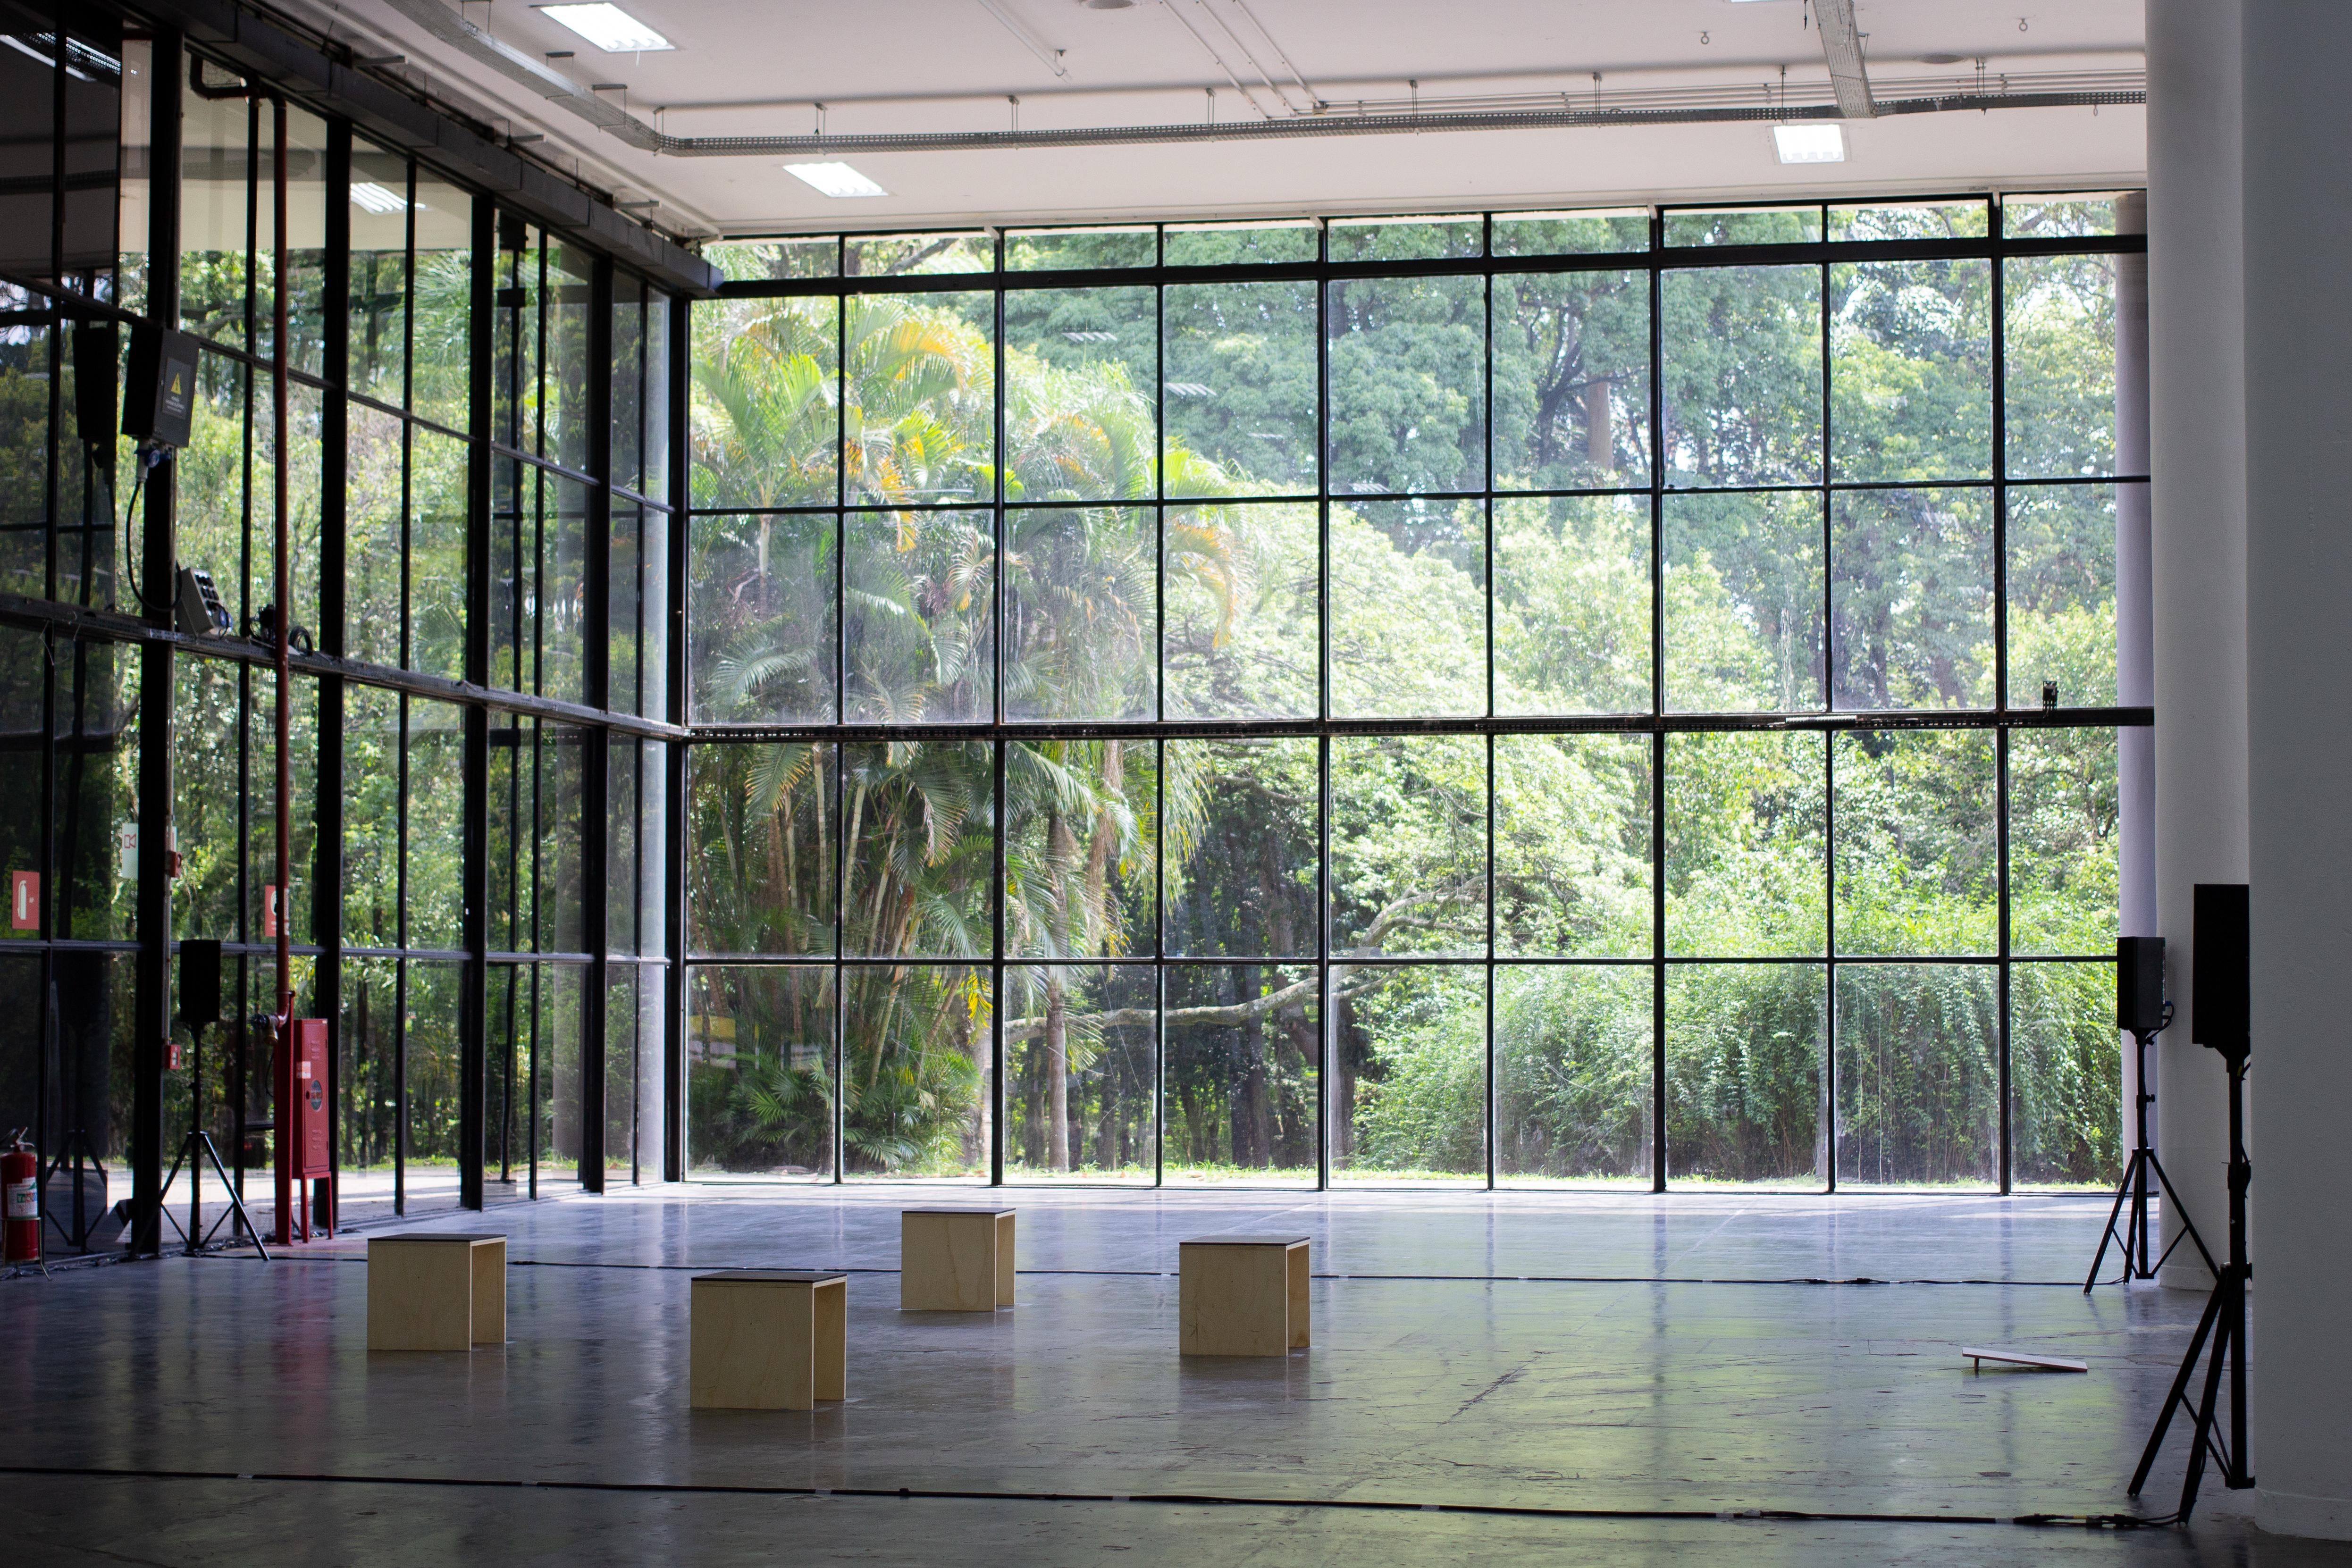 Vista da obra <i>Creación de la tierra</i> de Jacqueline Nova na exposição <i>Vento</i>, parte da 34ª Bienal de São Paulo. Foto: Giovanna Querido / Fundação Bienal de São Paulo